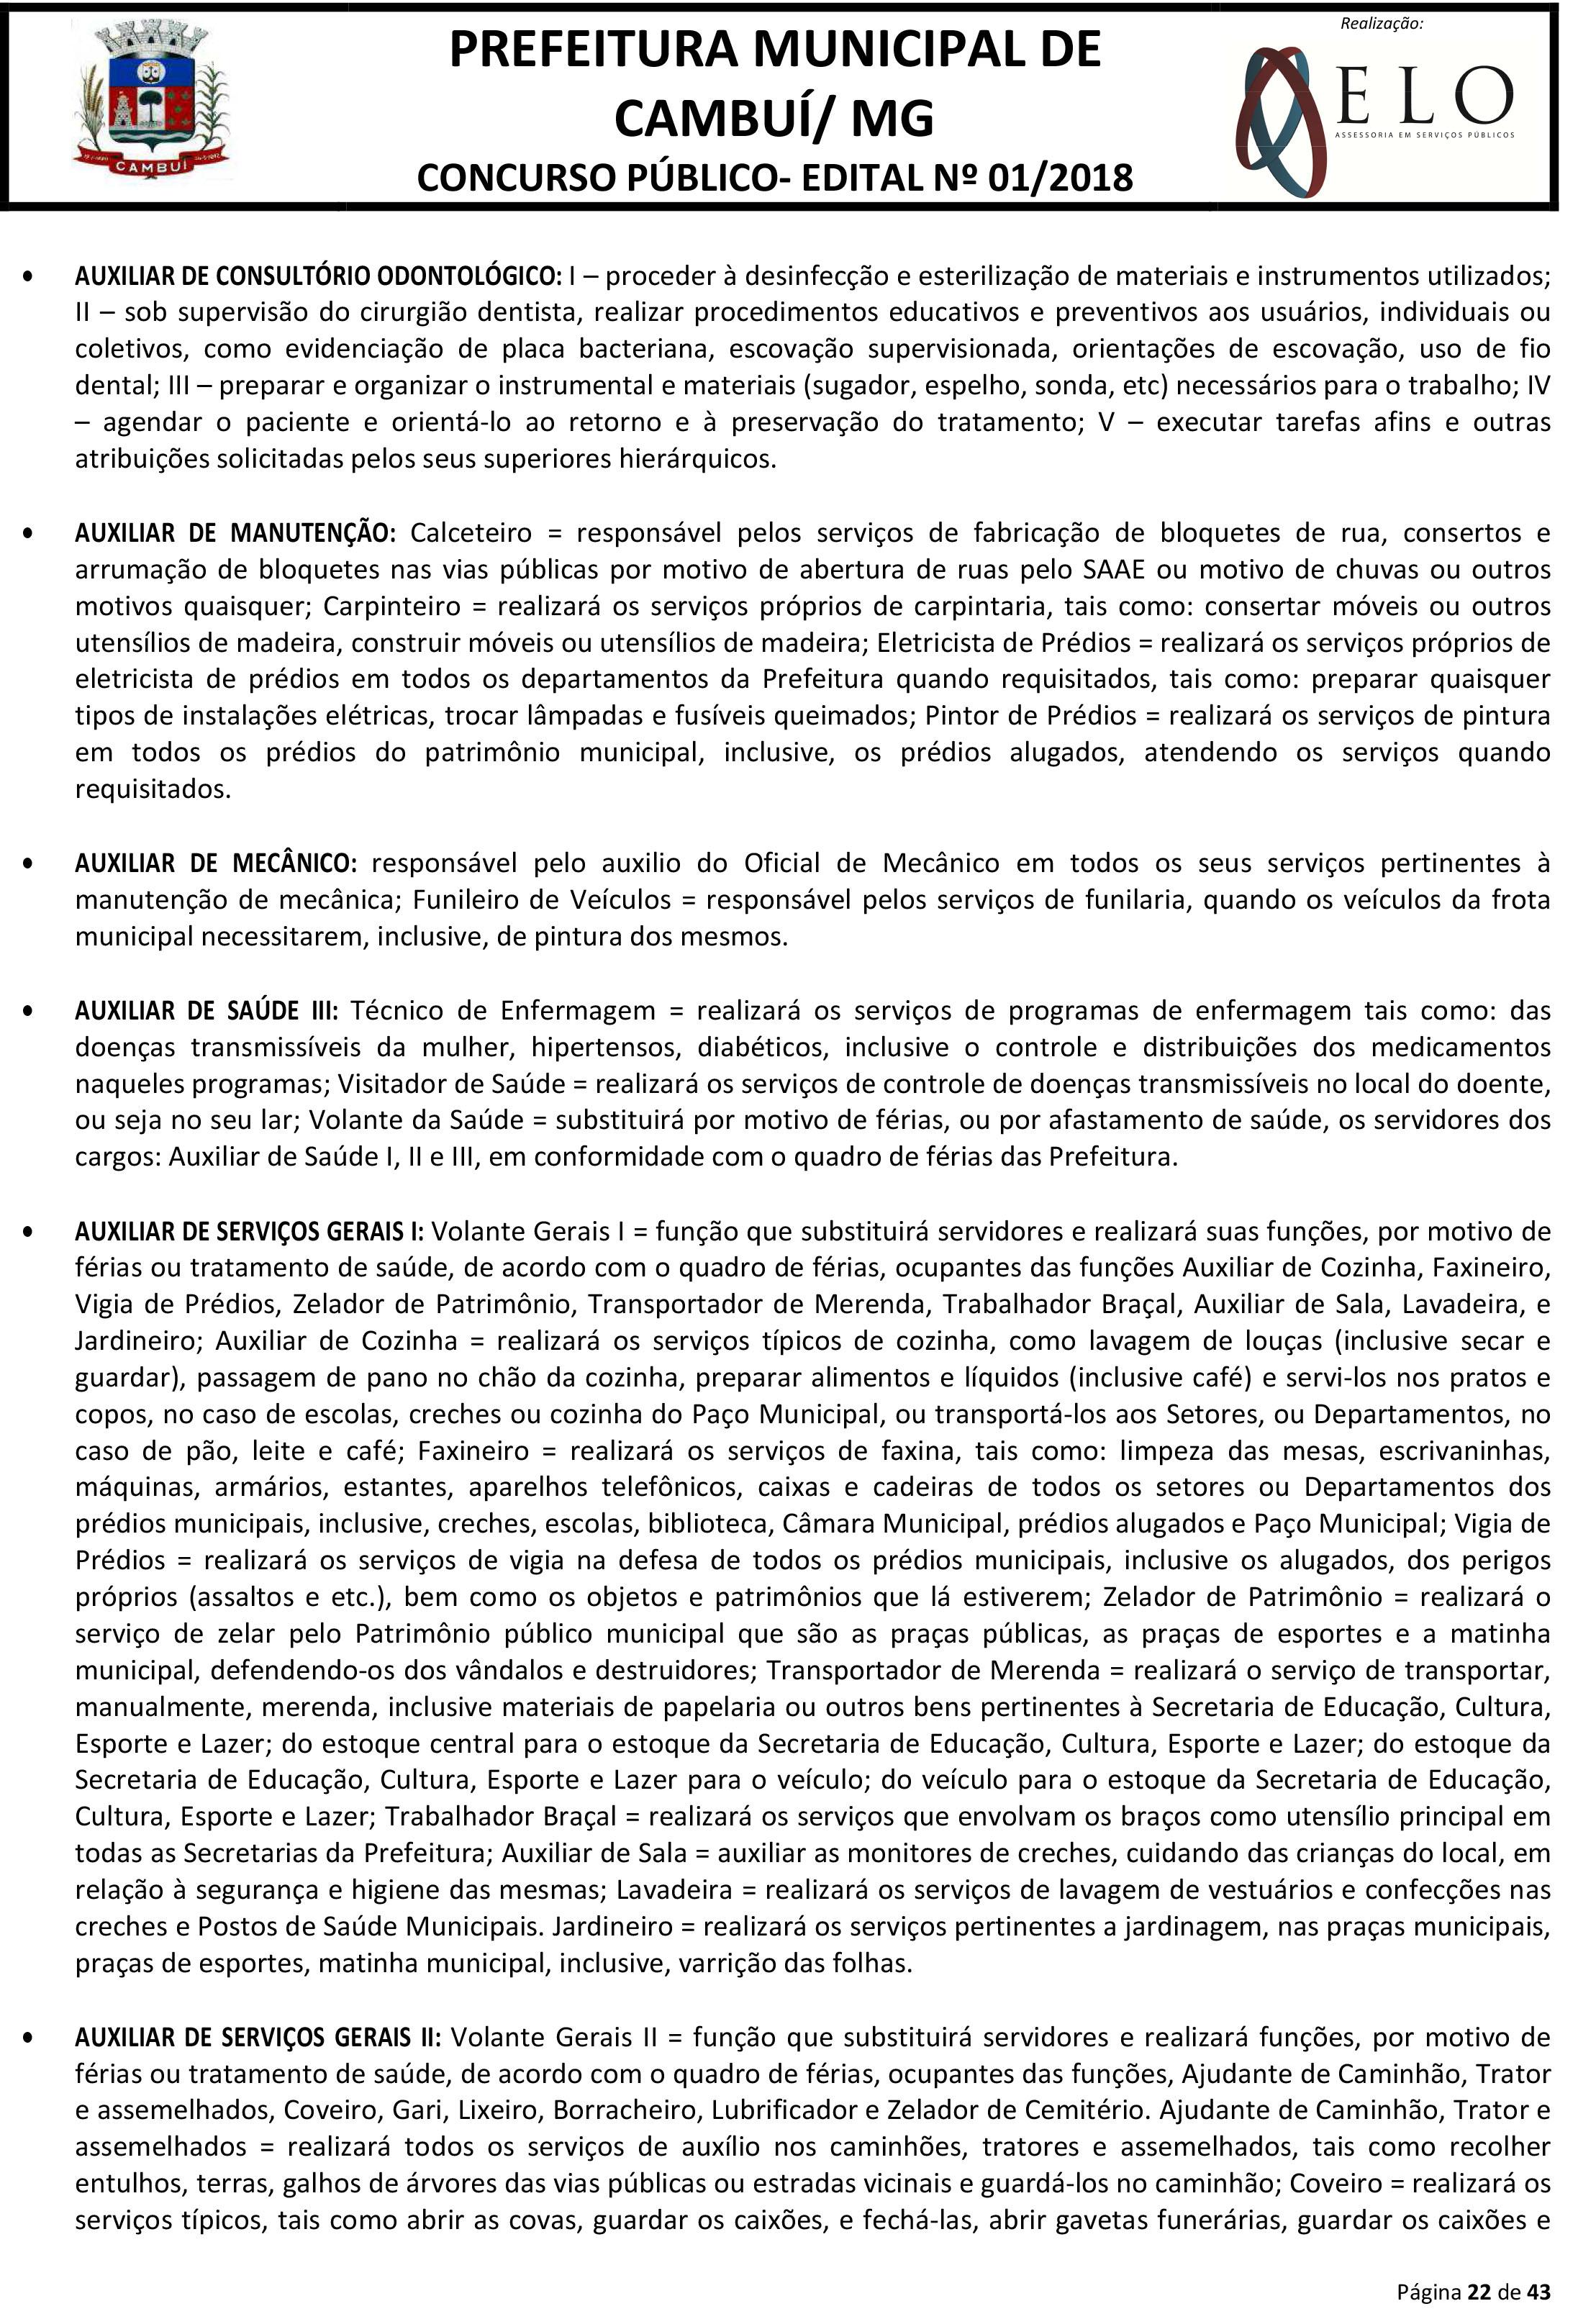 Edital de Concurso_CAMBUÍ